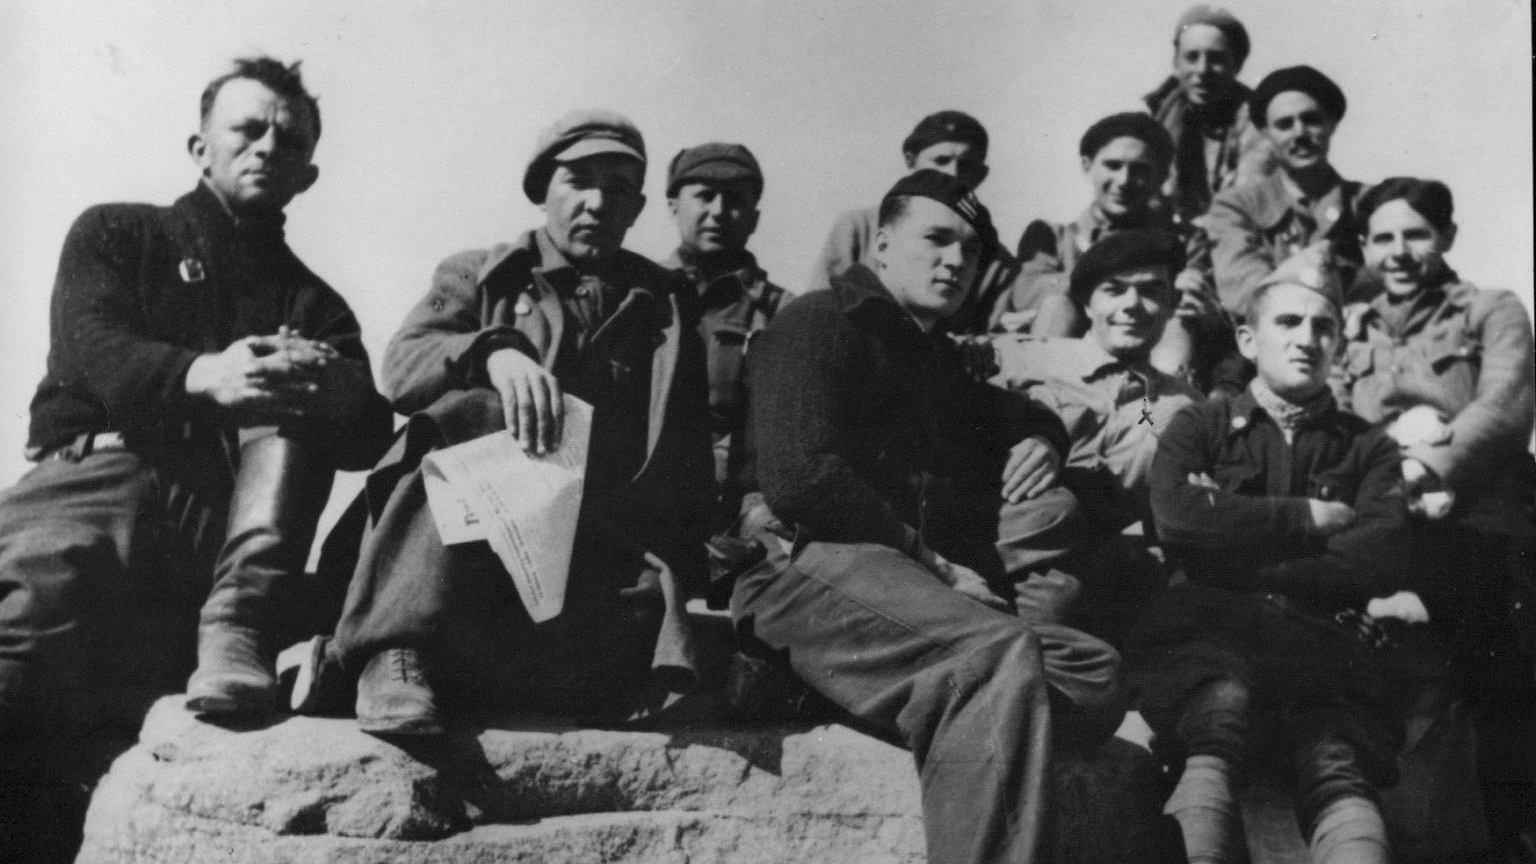 Ślązacy, którzy znaleźli się w Hiszpanii, wywodzili się z nurtów lewicowych